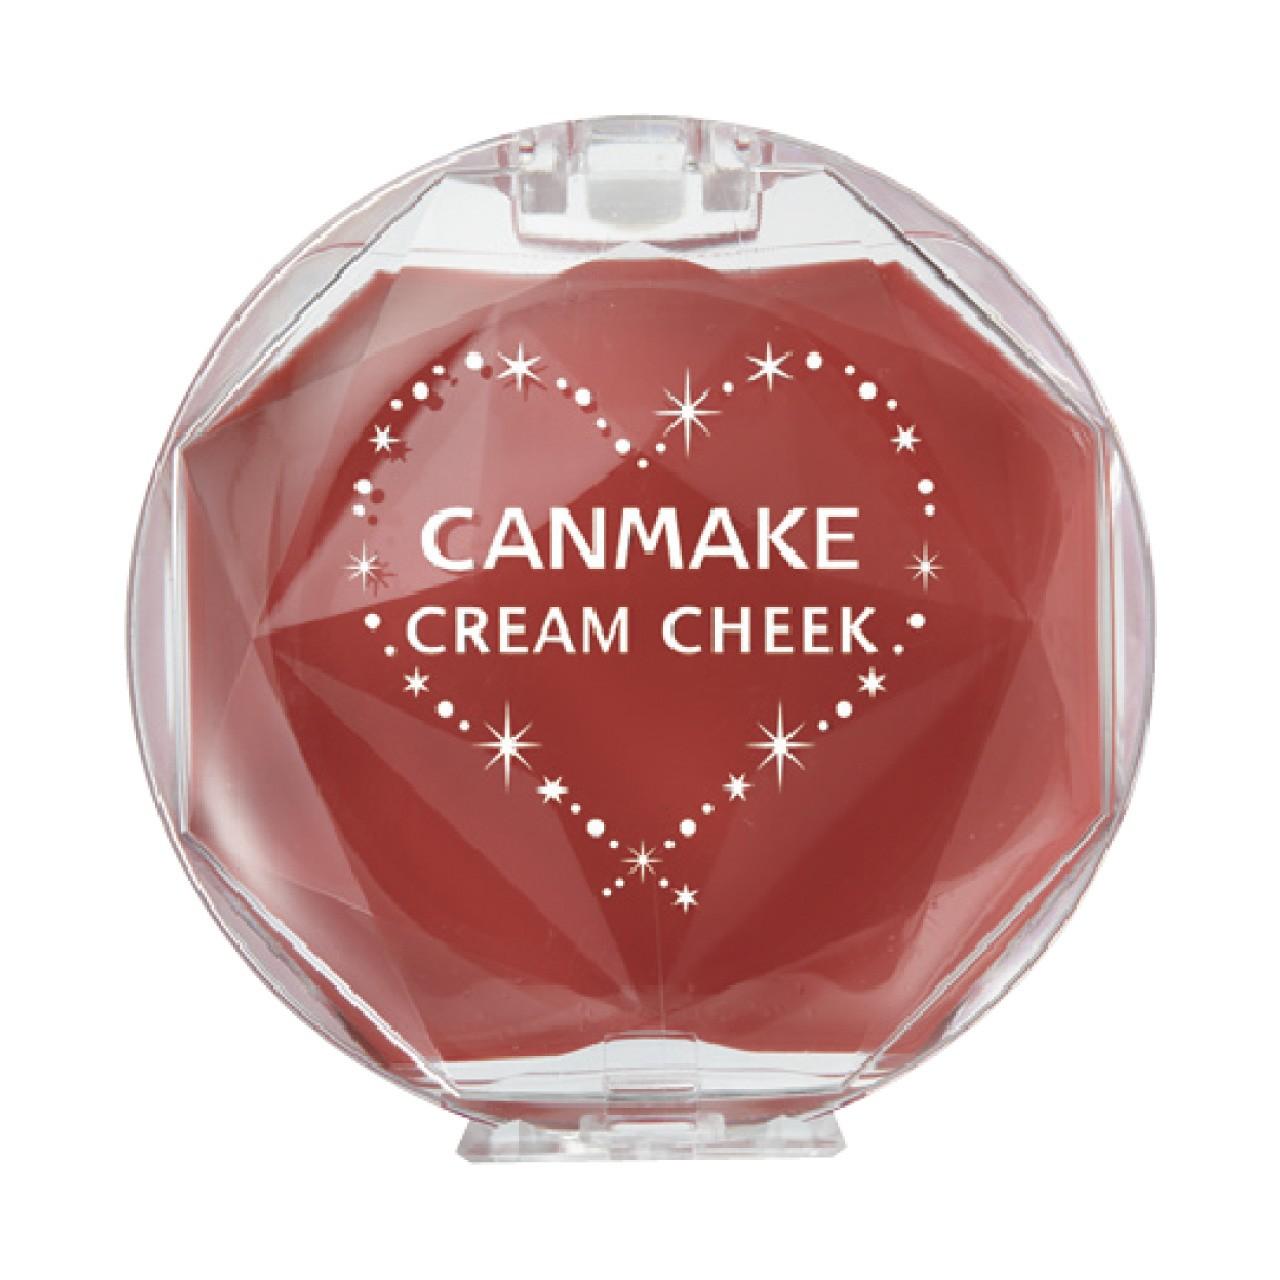 CreamCheek16